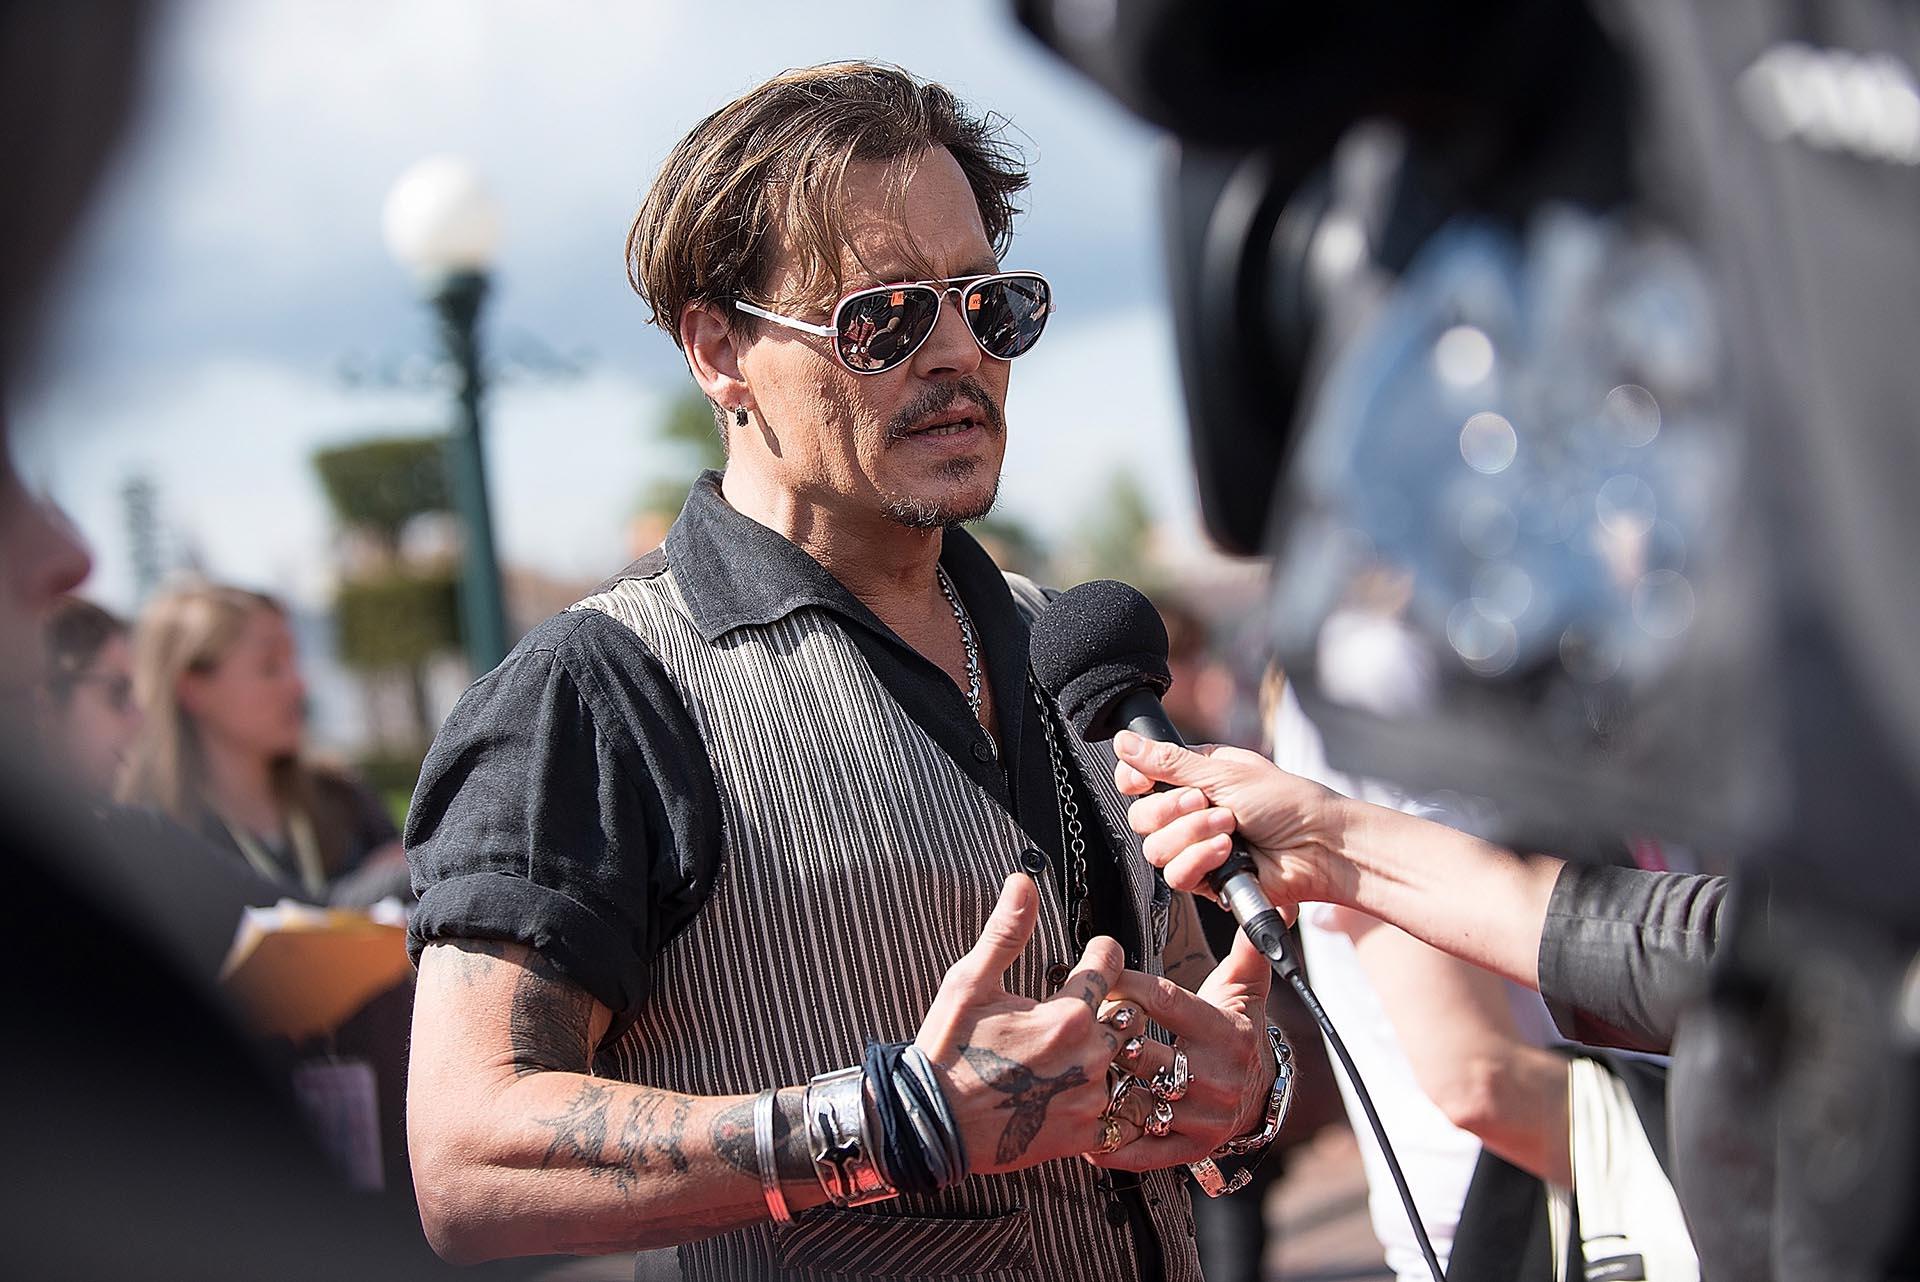 Johnny Depp atendió a la prensa internacional y contó sus grandes expectativas para esta quinta película de Piratas del Caribe